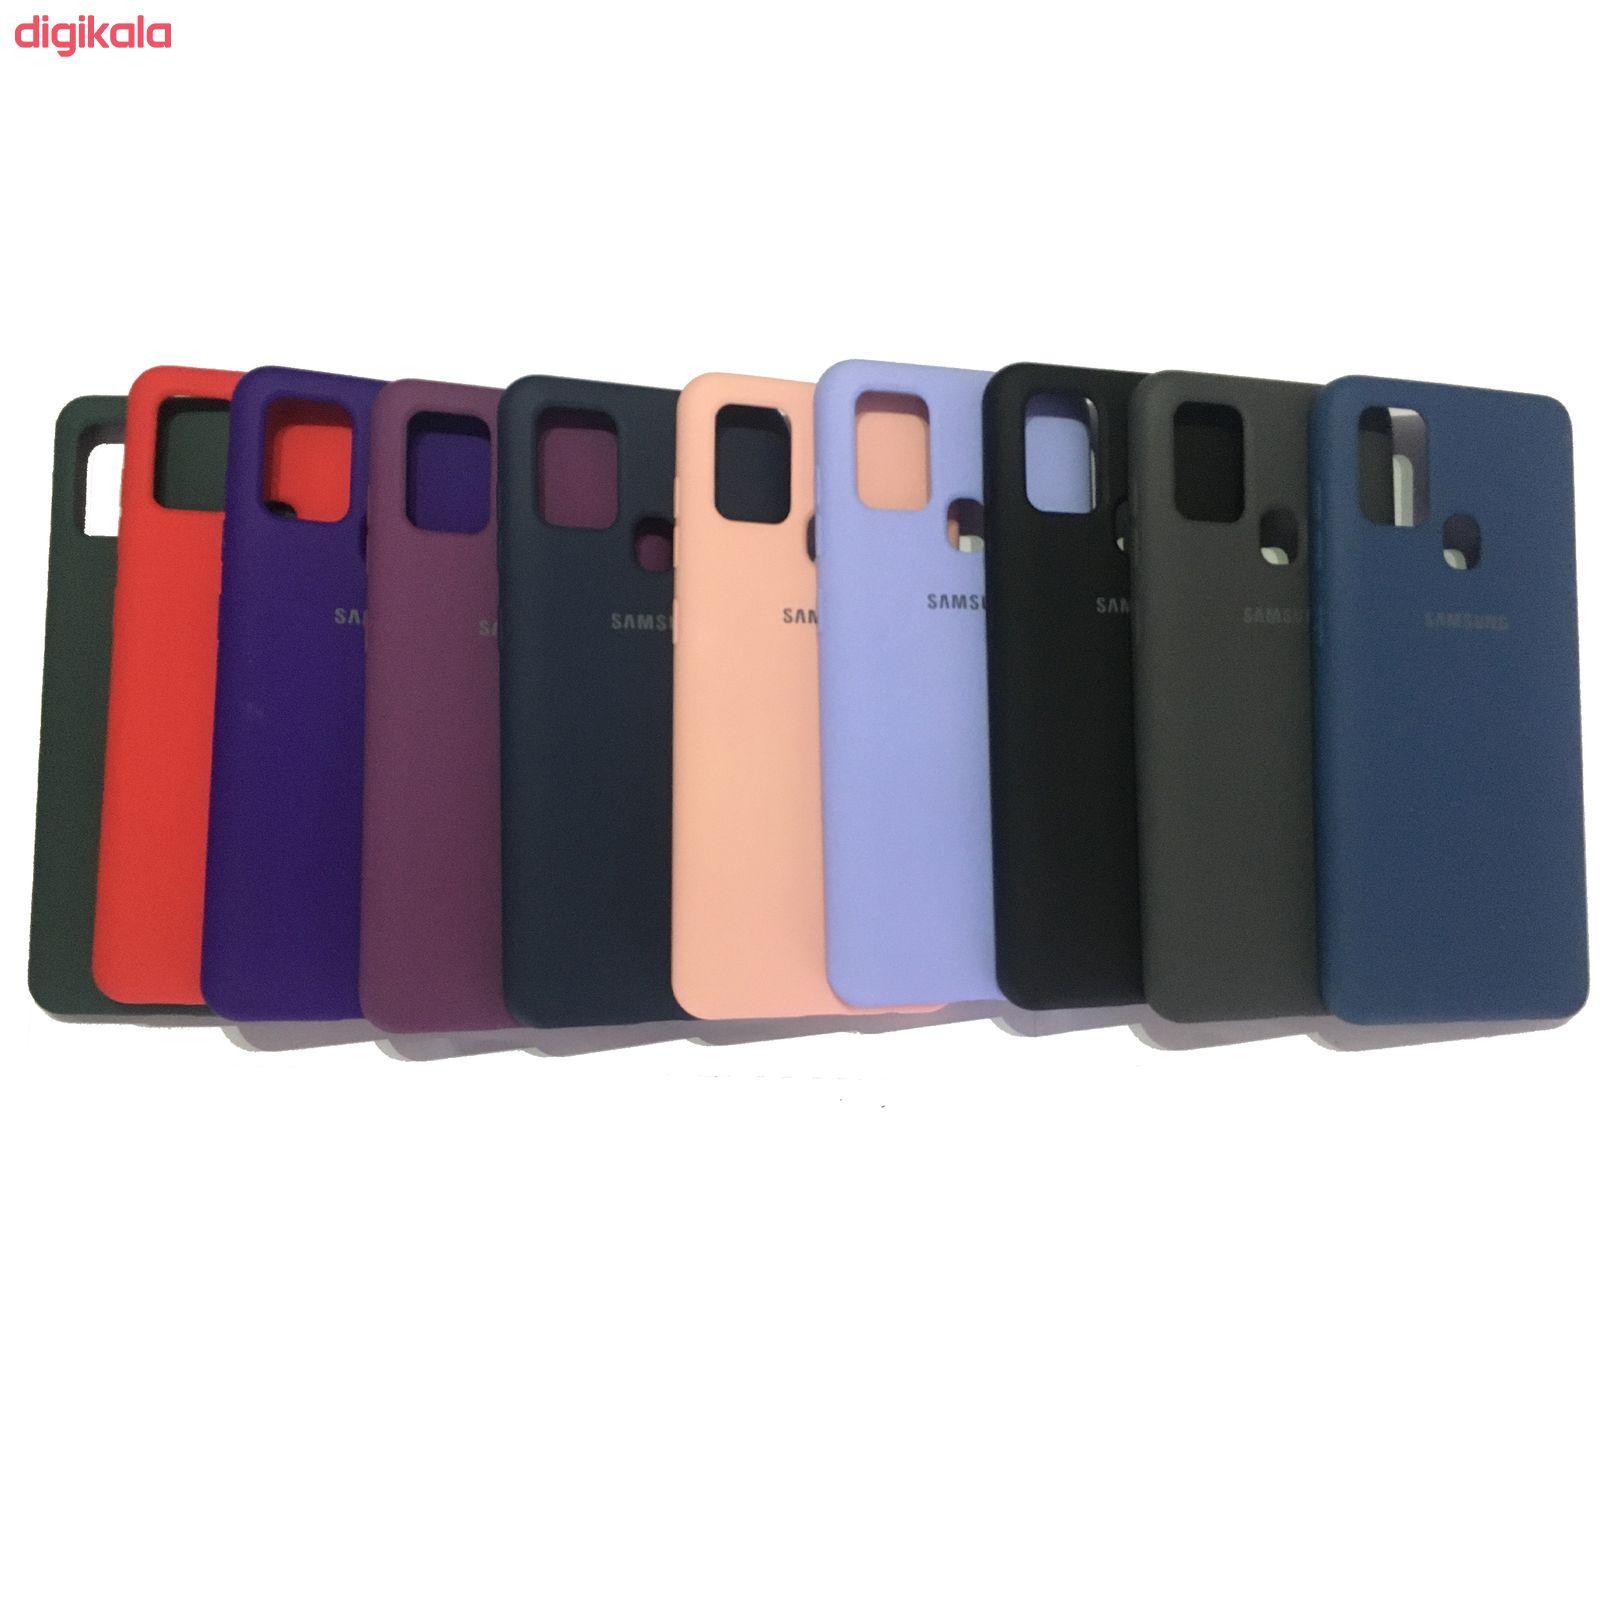 کاور مدل Sil-0021s مناسب برای گوشی موبایل سامسونگ Galaxy A21s main 1 11